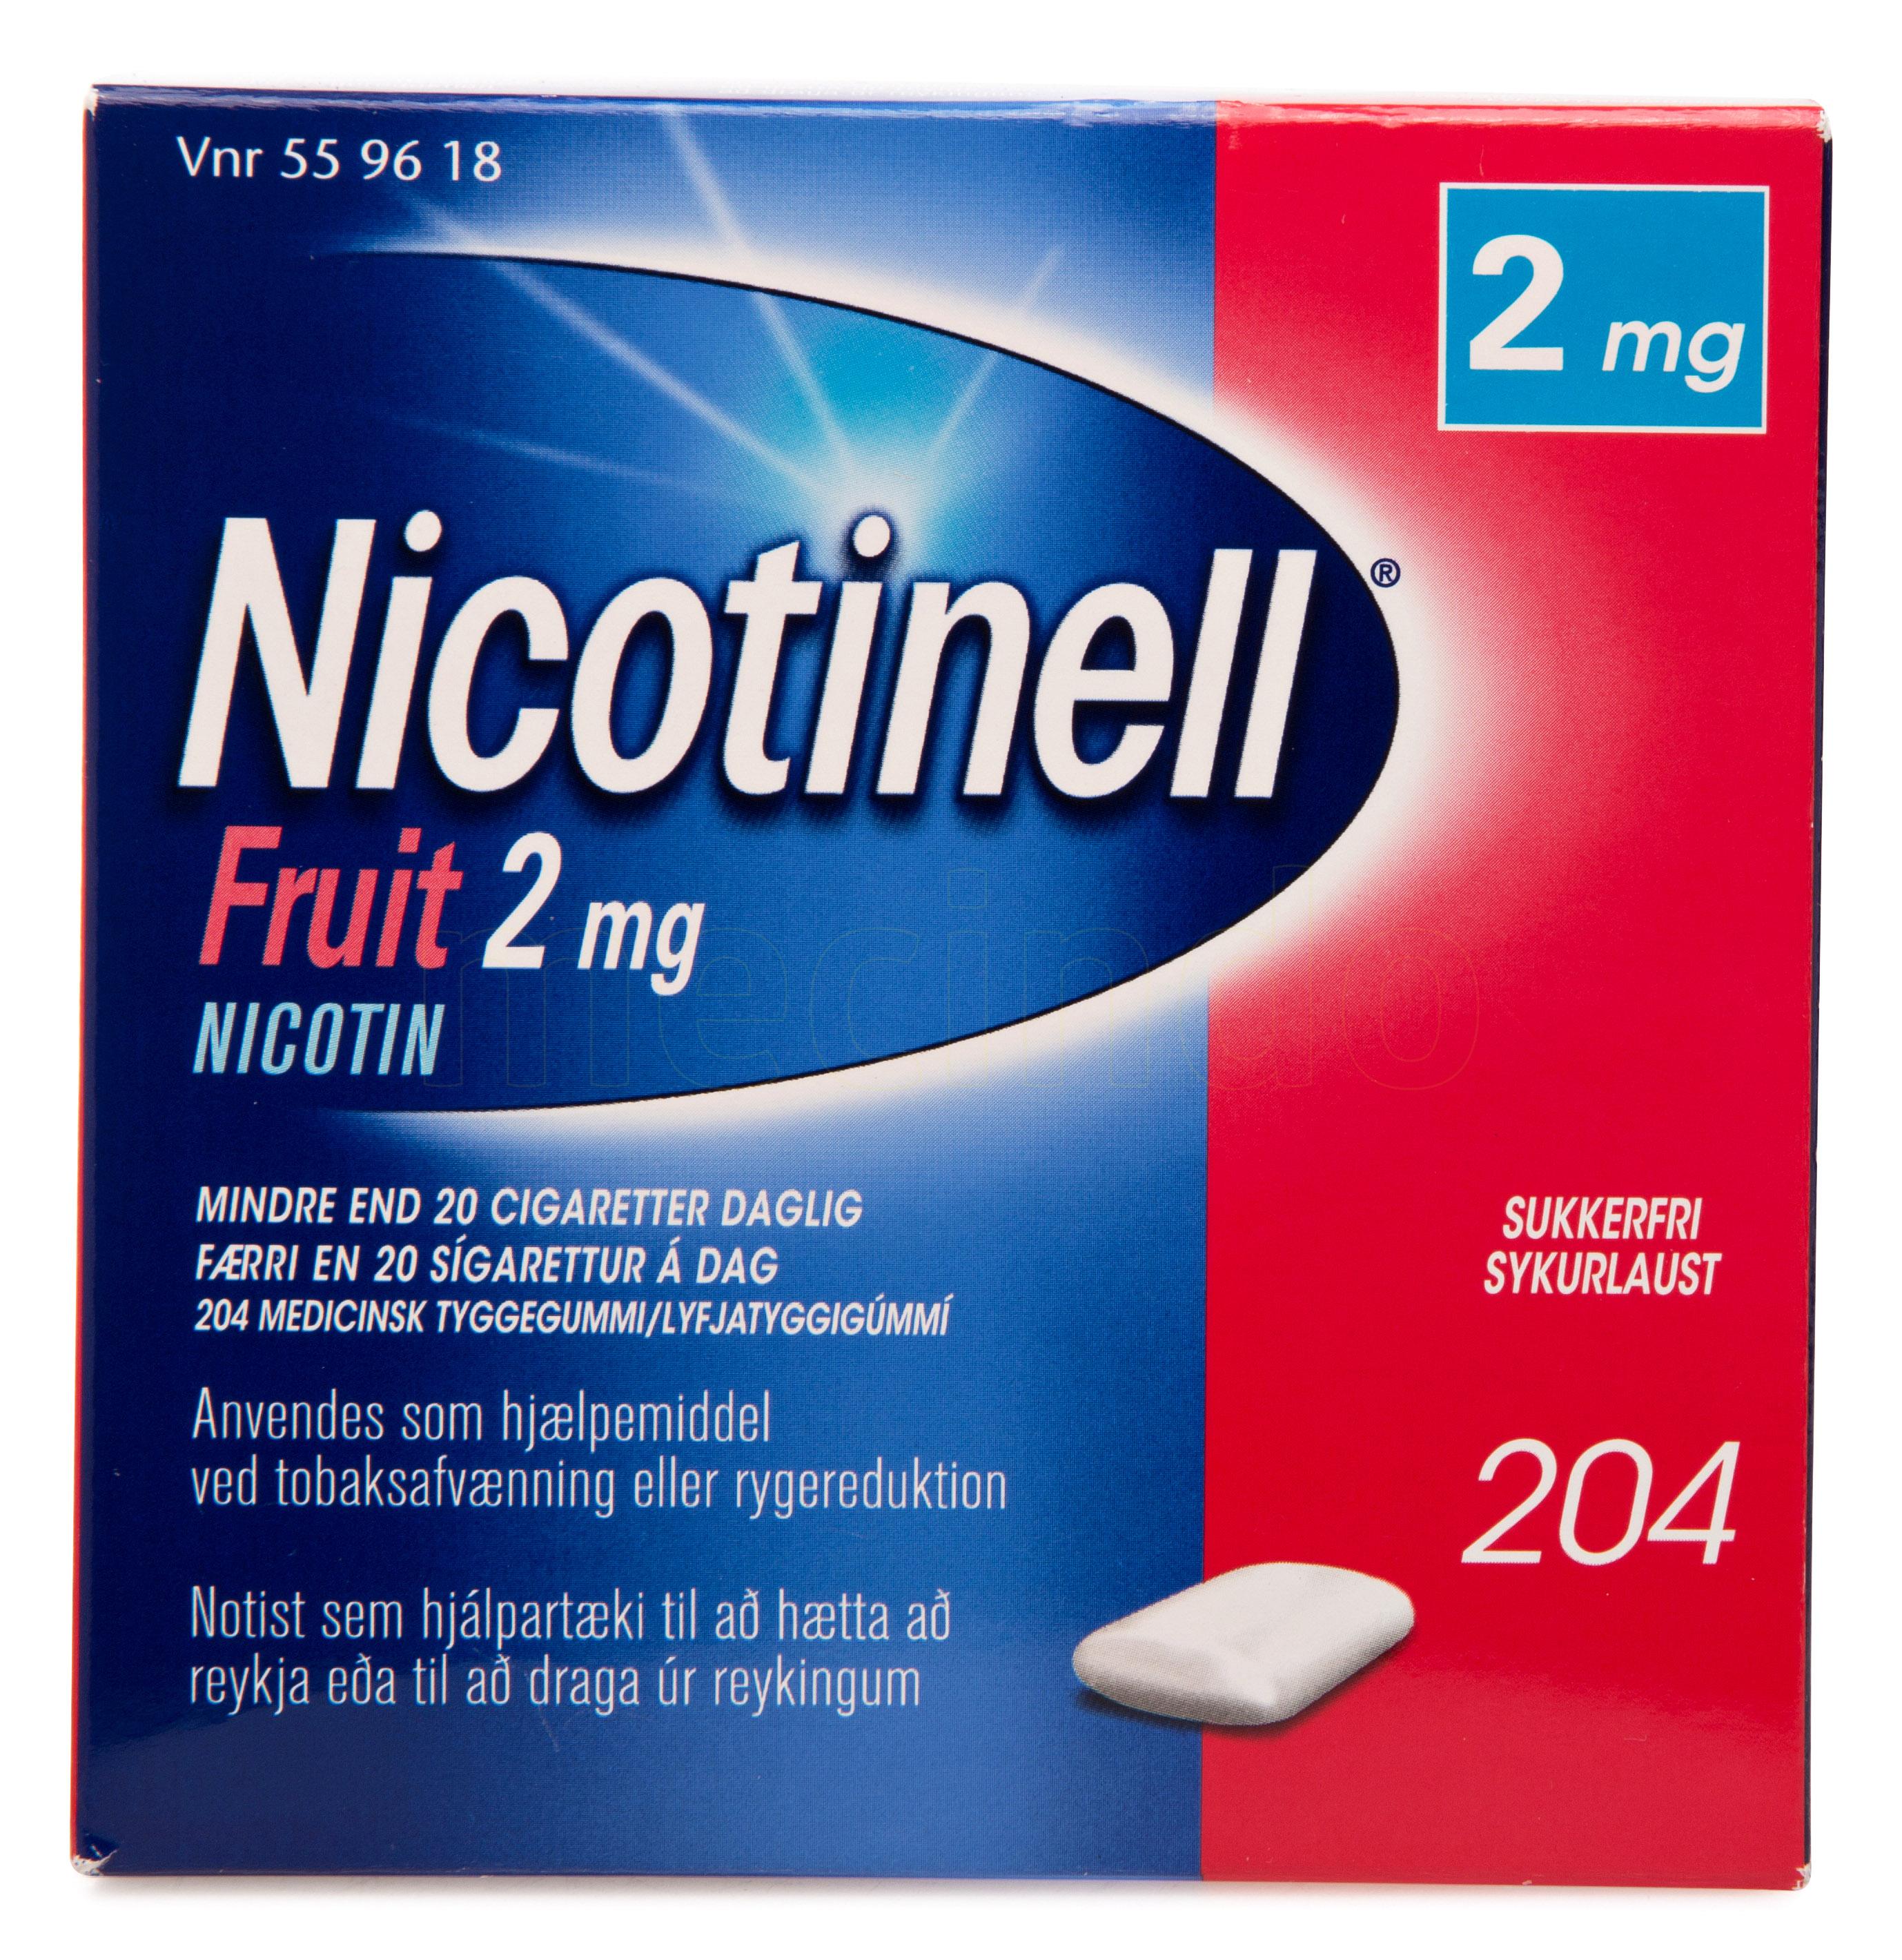 Billede af Nicotinell Fruit - 2 mg - 204 Stk.